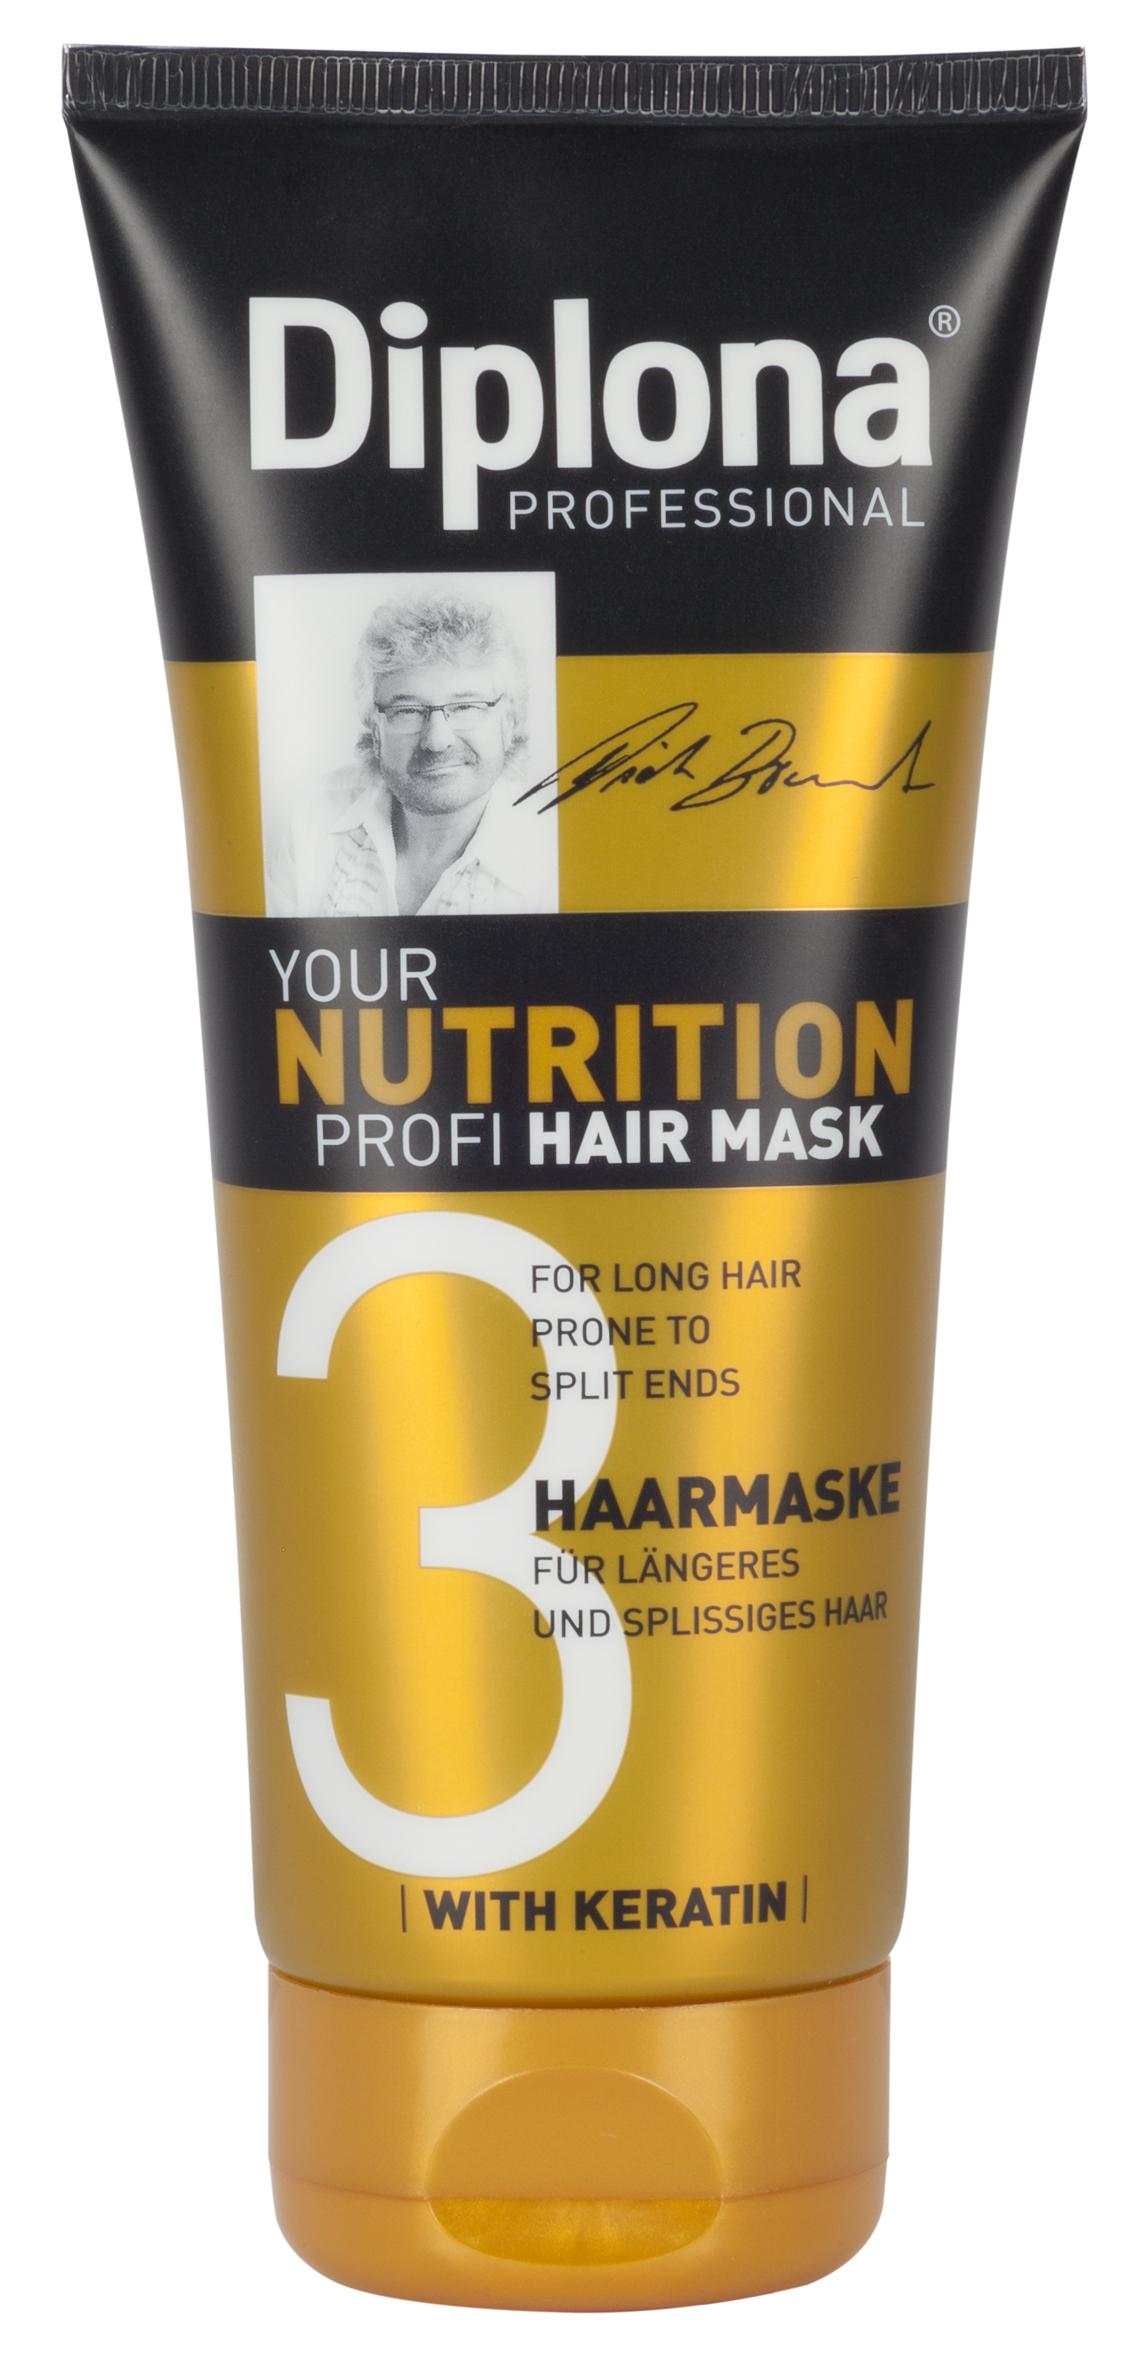 Маска для волос Diplona Professional Your Nutrition Profi, для длинных, секущихся волос, 200 мл95180Маска для волос Diplona Professional Your Nutrition Profi - питательный уход для длинных, секущихся волос. Основные компоненты: Пантенол - помогает восстановить поврежденные волосяные луковицы и секущиеся концы волос. Масло Ши - имеет схожий с липидами волос состав, поэтому легко заполняет образовавшиеся в кутикуле трещины, восстанавливая ее структуру и возвращая волосам силу. Обладает смягчающими, увлажняющими и регенерирующими свойствами. Протеины пшеницы - обладает увлажняющими, восстанавливающими свойствами, усиливает естественные функции кожи, в том числе активизируют механизмы защиты. Витамин В3 - благодаря своему сосудорасширяющему действию позволяет облегчить проникновение активных веществ, что благоприятно влияет на рост волос. Глицерин - проникает во внутрь волоса, удерживает в нем влагу, тем самым делая его прочным и упругим. Антистатик - предупреждает электризацию волос, смягчает волосы, делая их послушными.